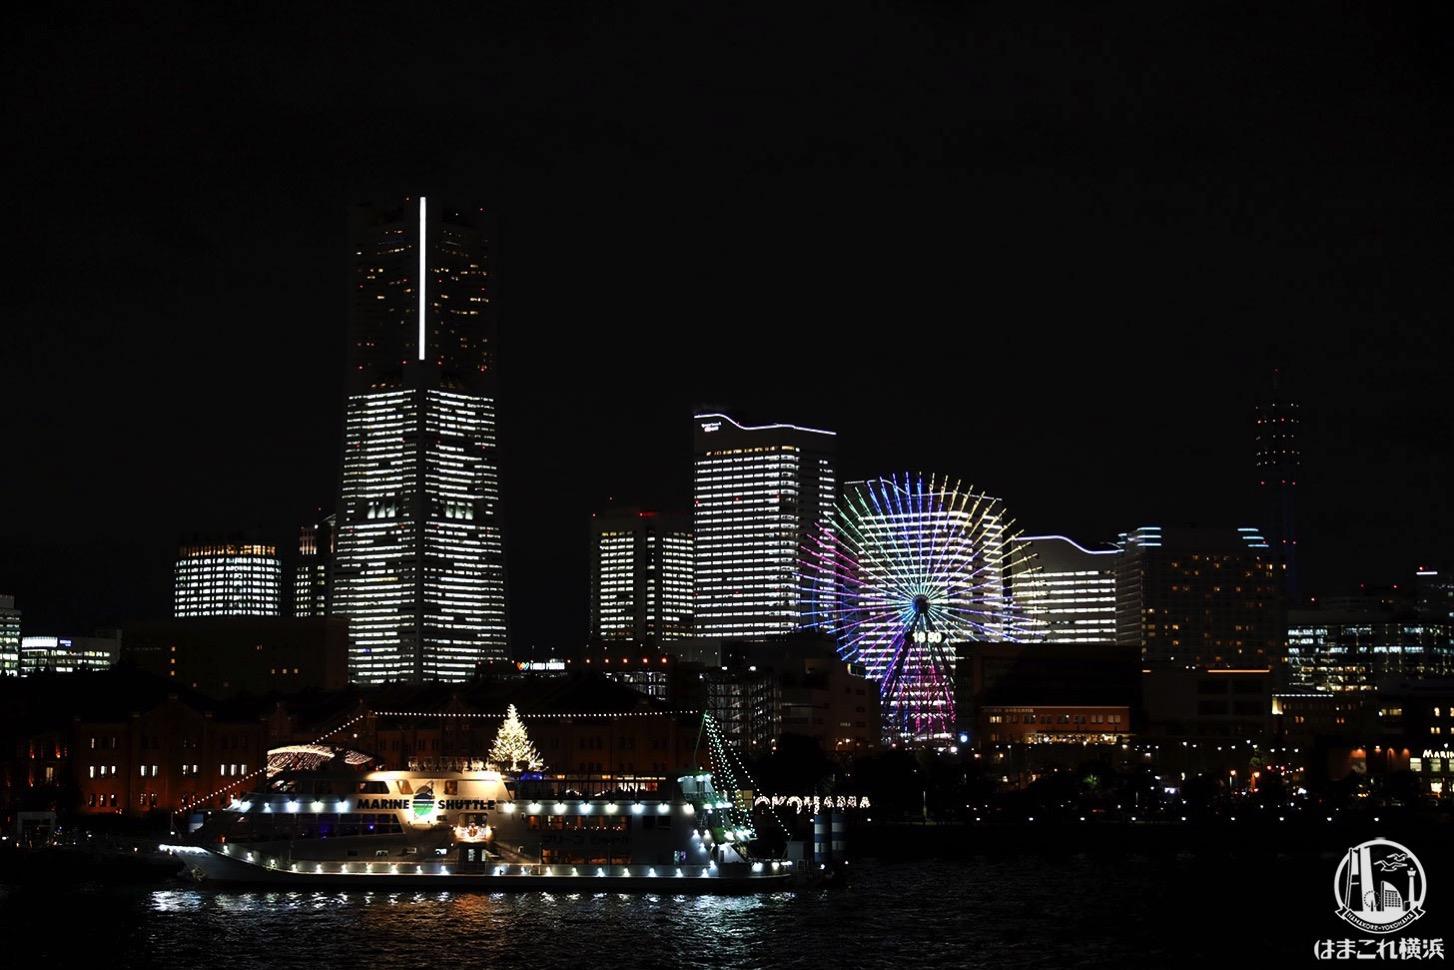 横浜港大さん橋から見た夜景・タワーズミライト